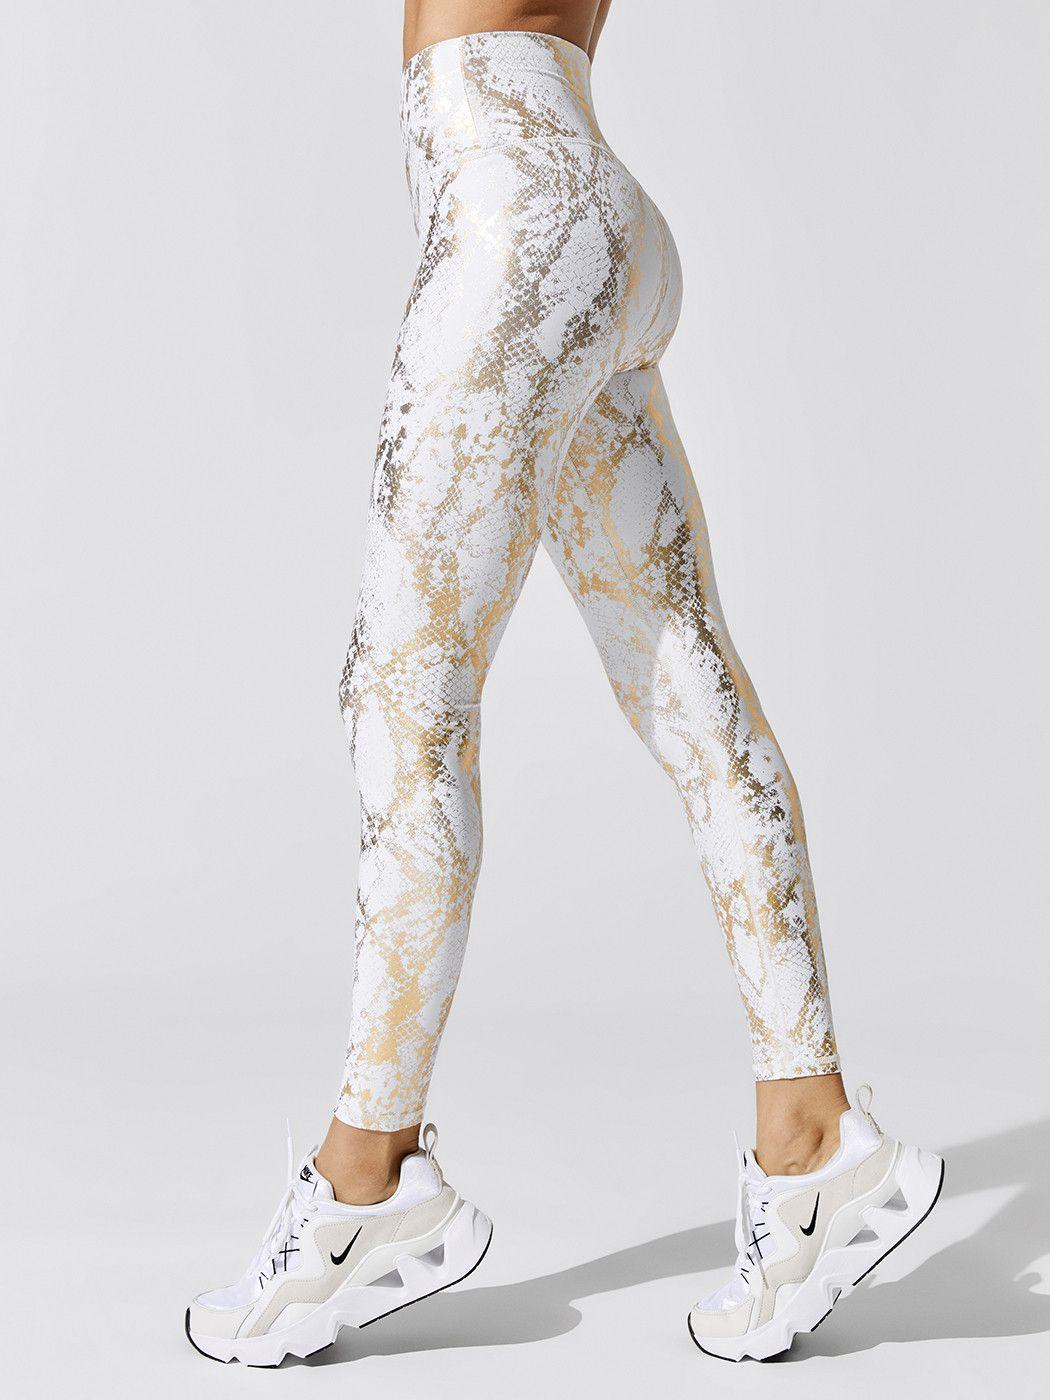 Snake Print Leggings in Cream/ Gold in 2020 Snake print